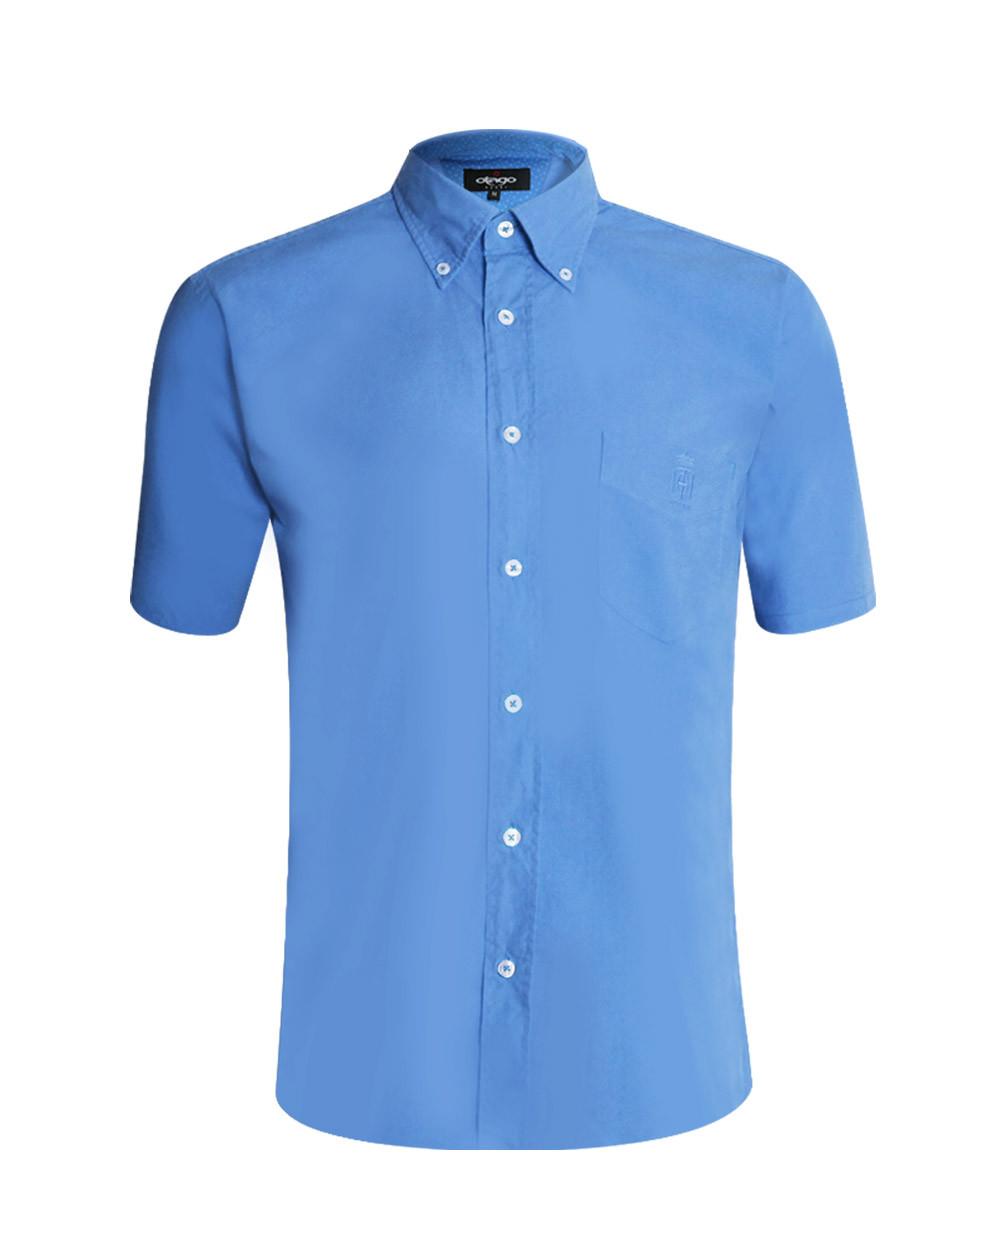 Chemise Oxford Otago manches courtes bleu lavande homme